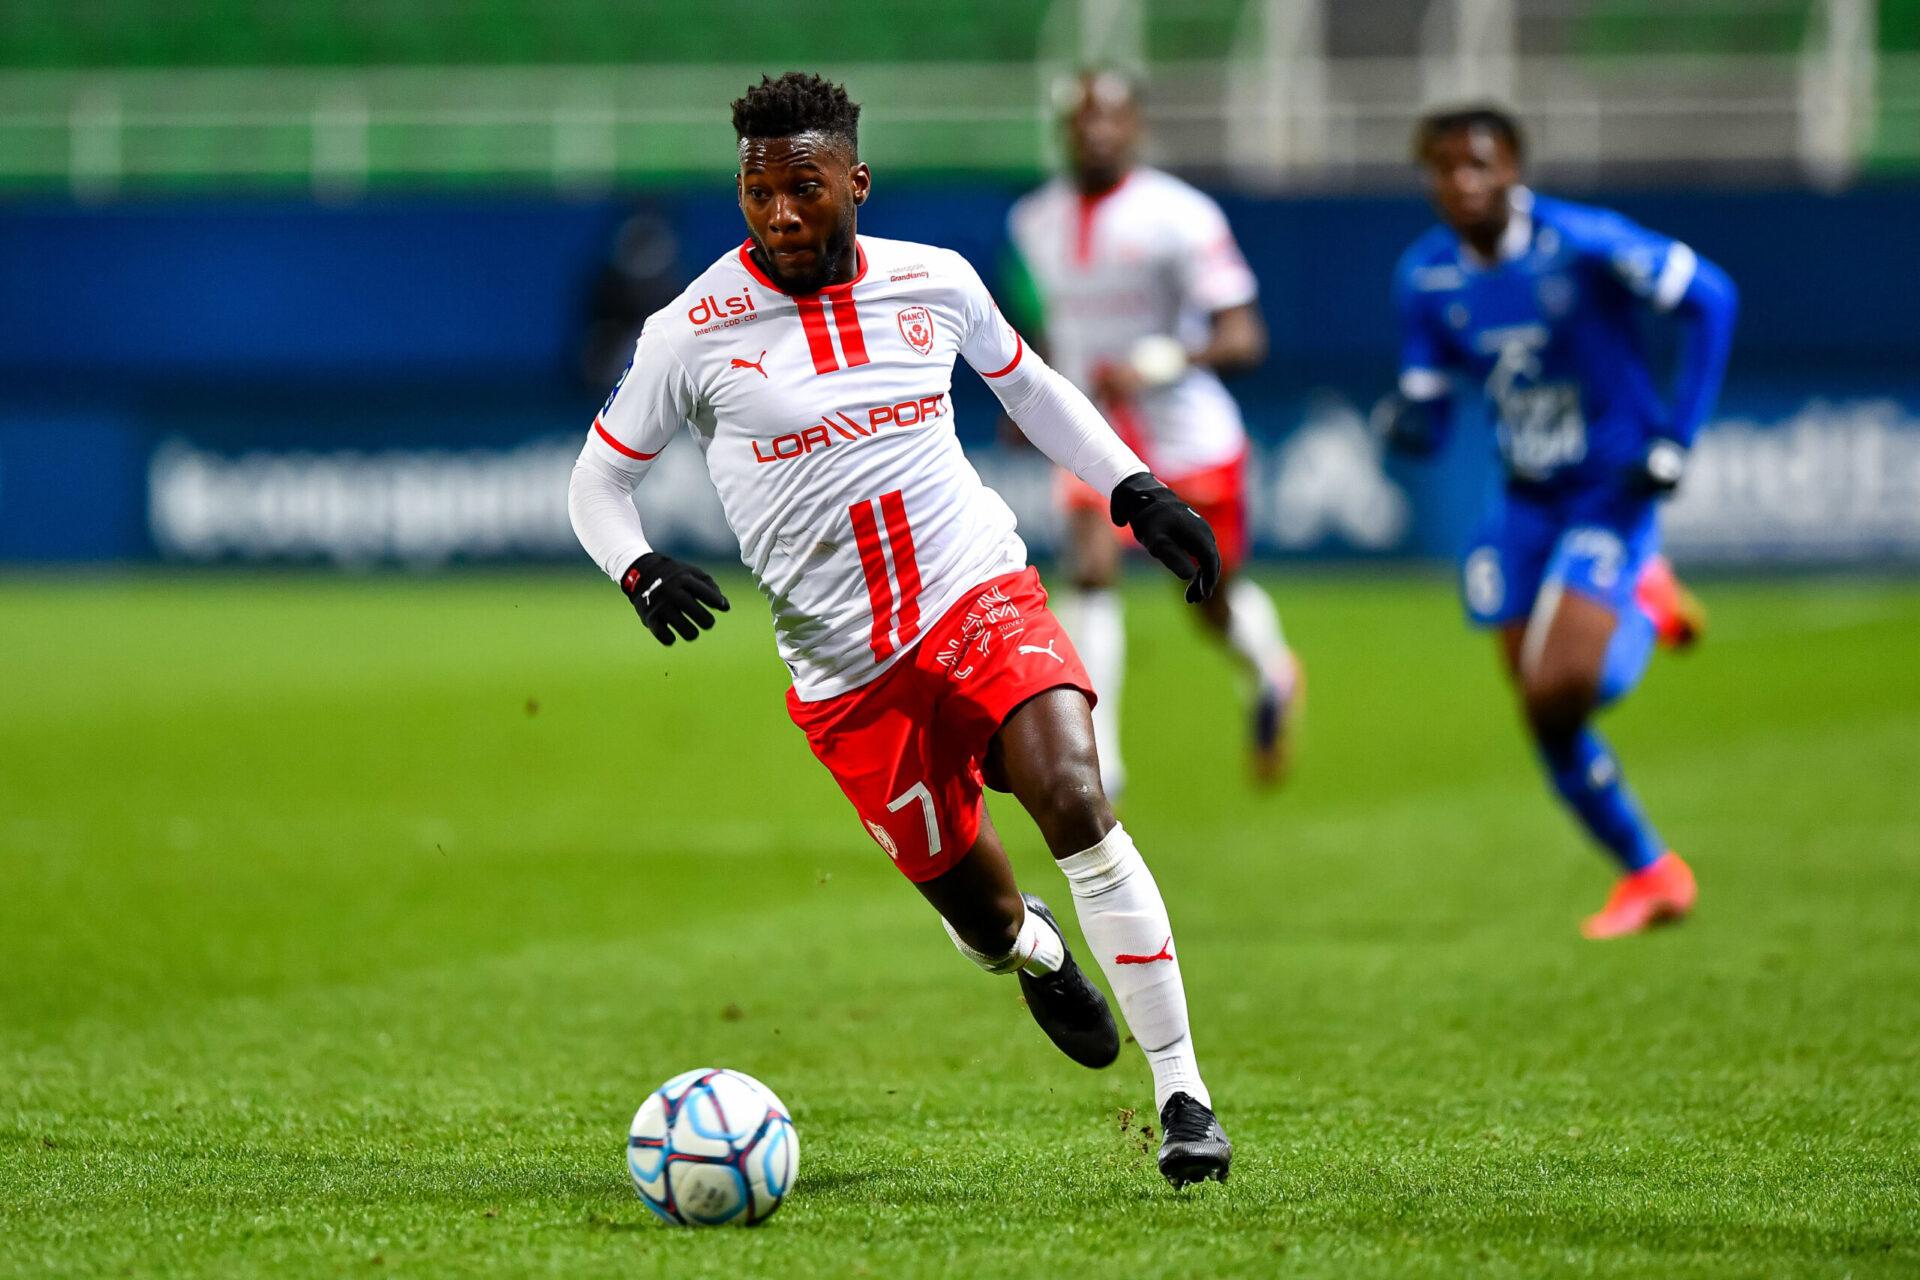 Vendu par Nancy à Ostende contre plusieurs millions d'euros, Mickaël Biron a ensuite été prêté dans la foulée par le club belge à... Nancy (iconsport)